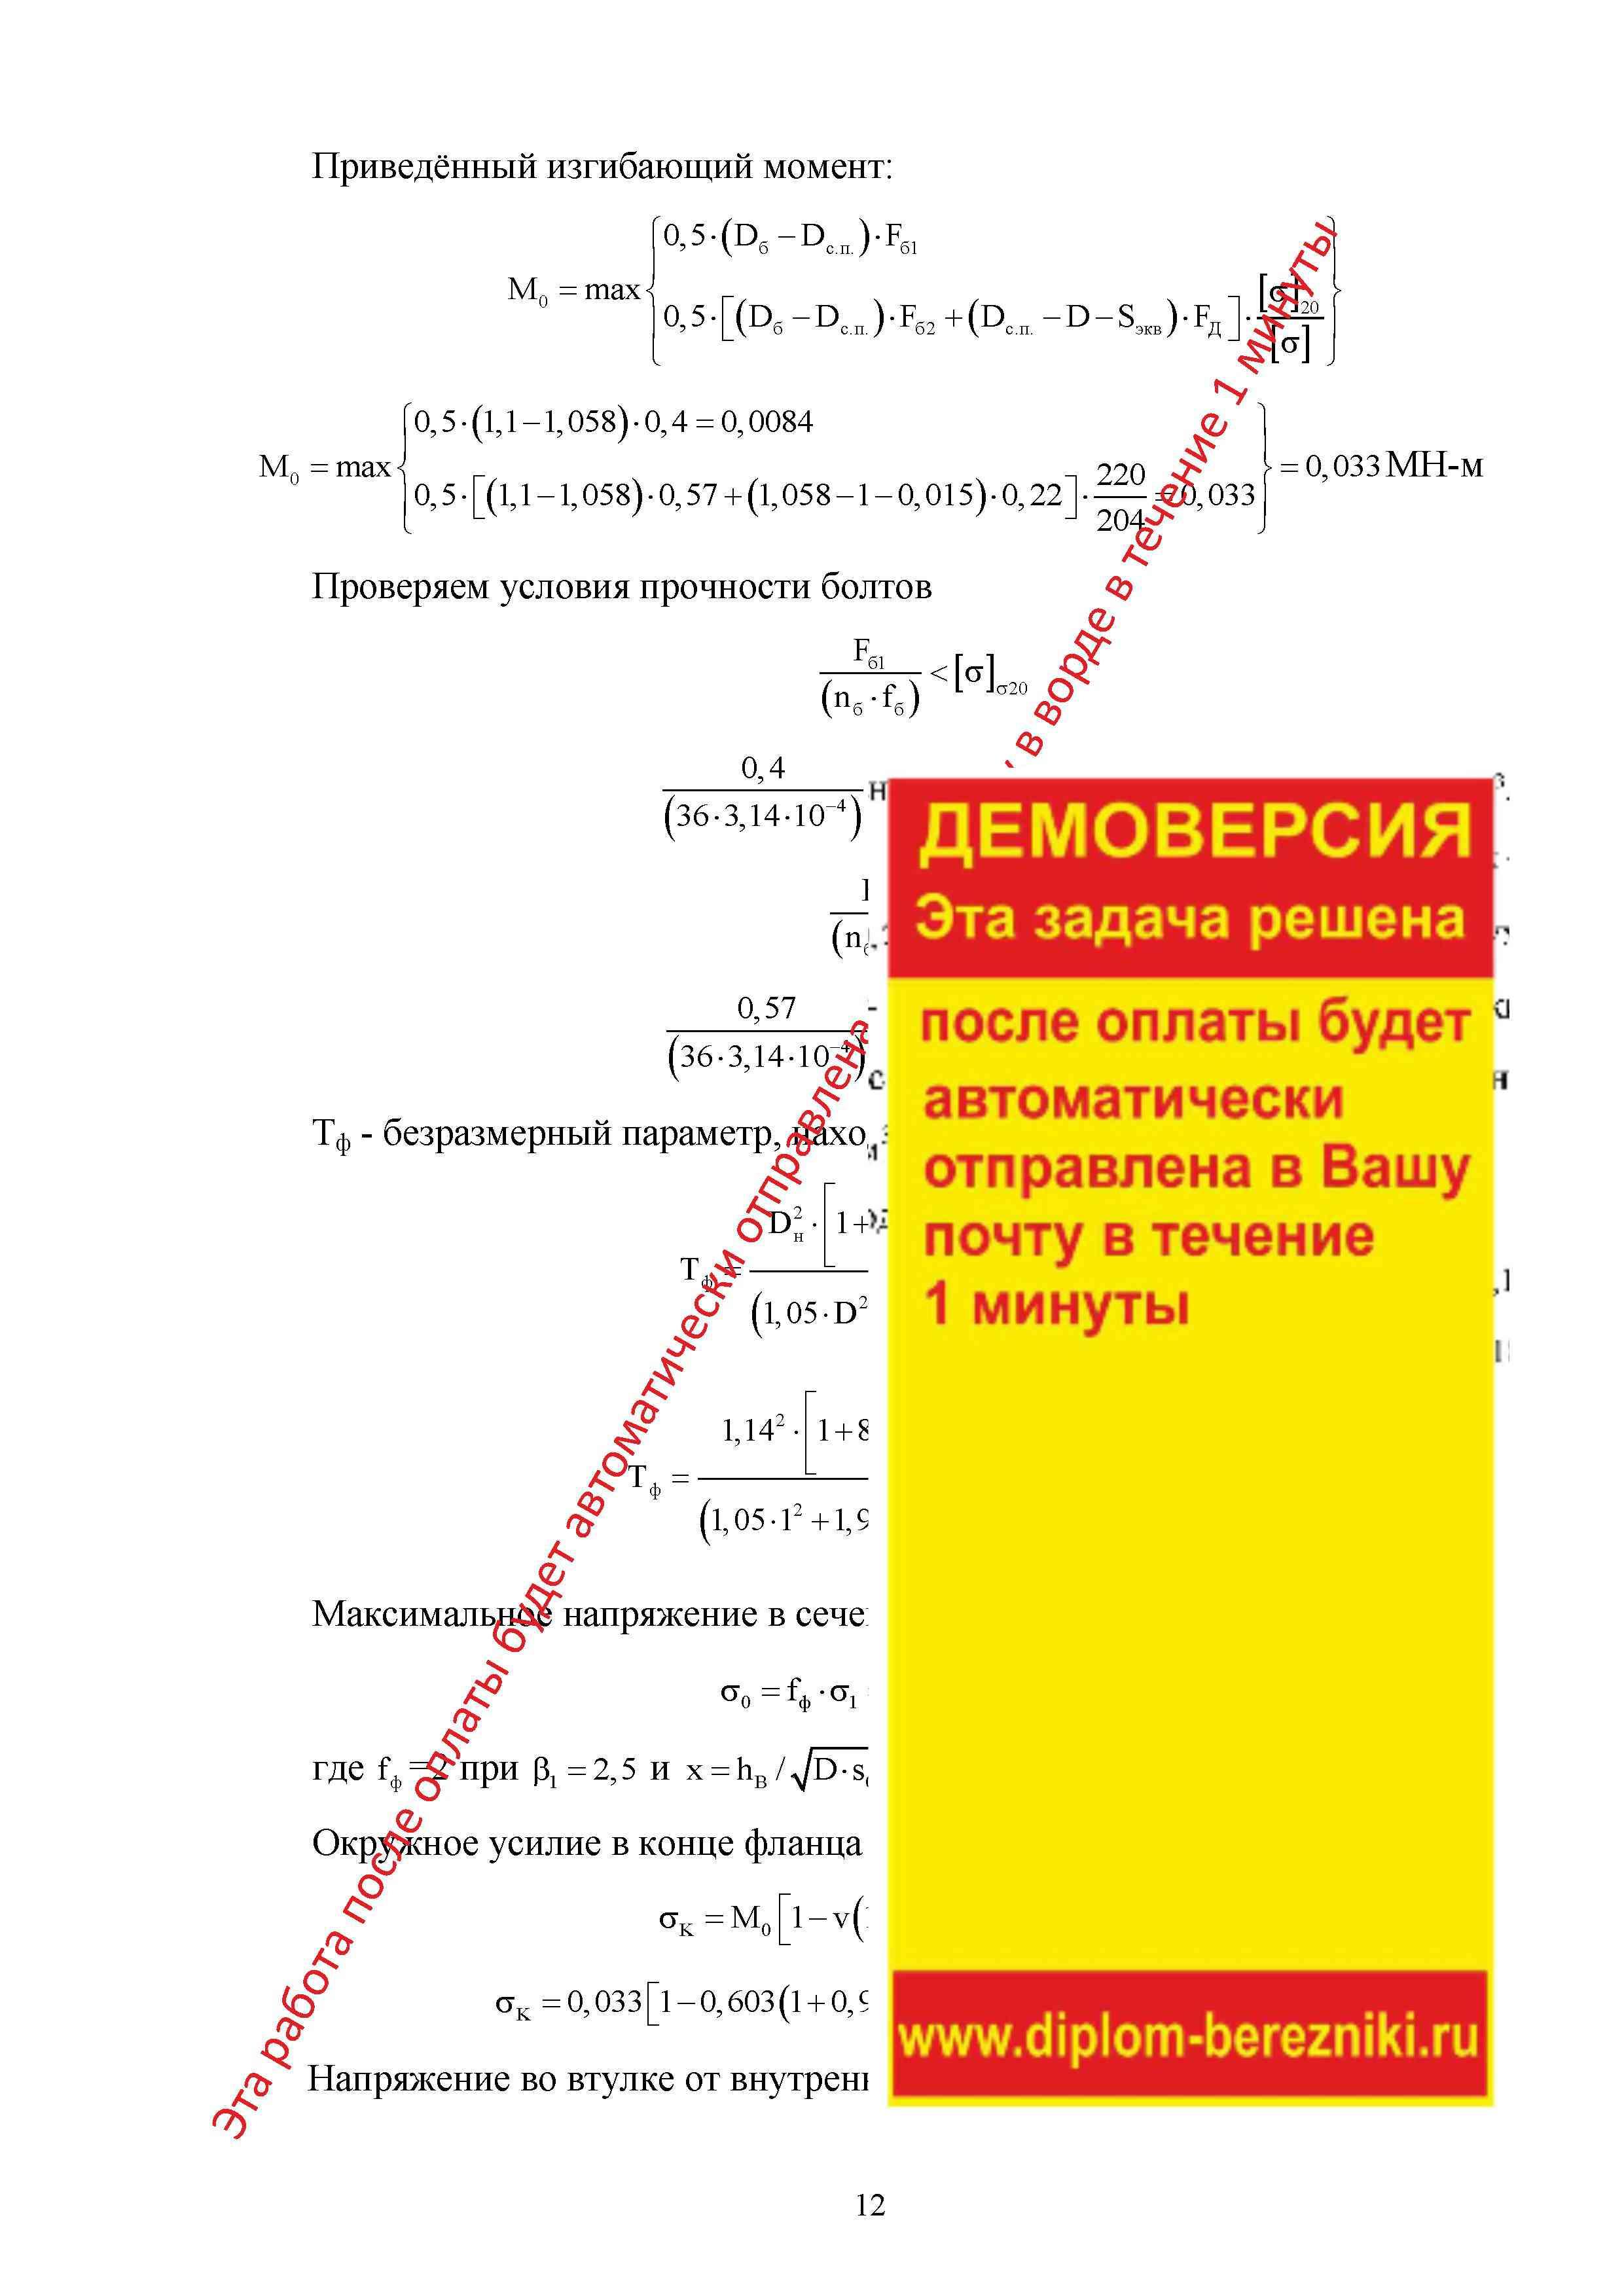 Профессиональный диплом по маркетингу cim Ещё Московской области которая существует с 2002 года профессиональный диплом по маркетингу cim и насчитывает более 350 сотрудников начать речь на защиту